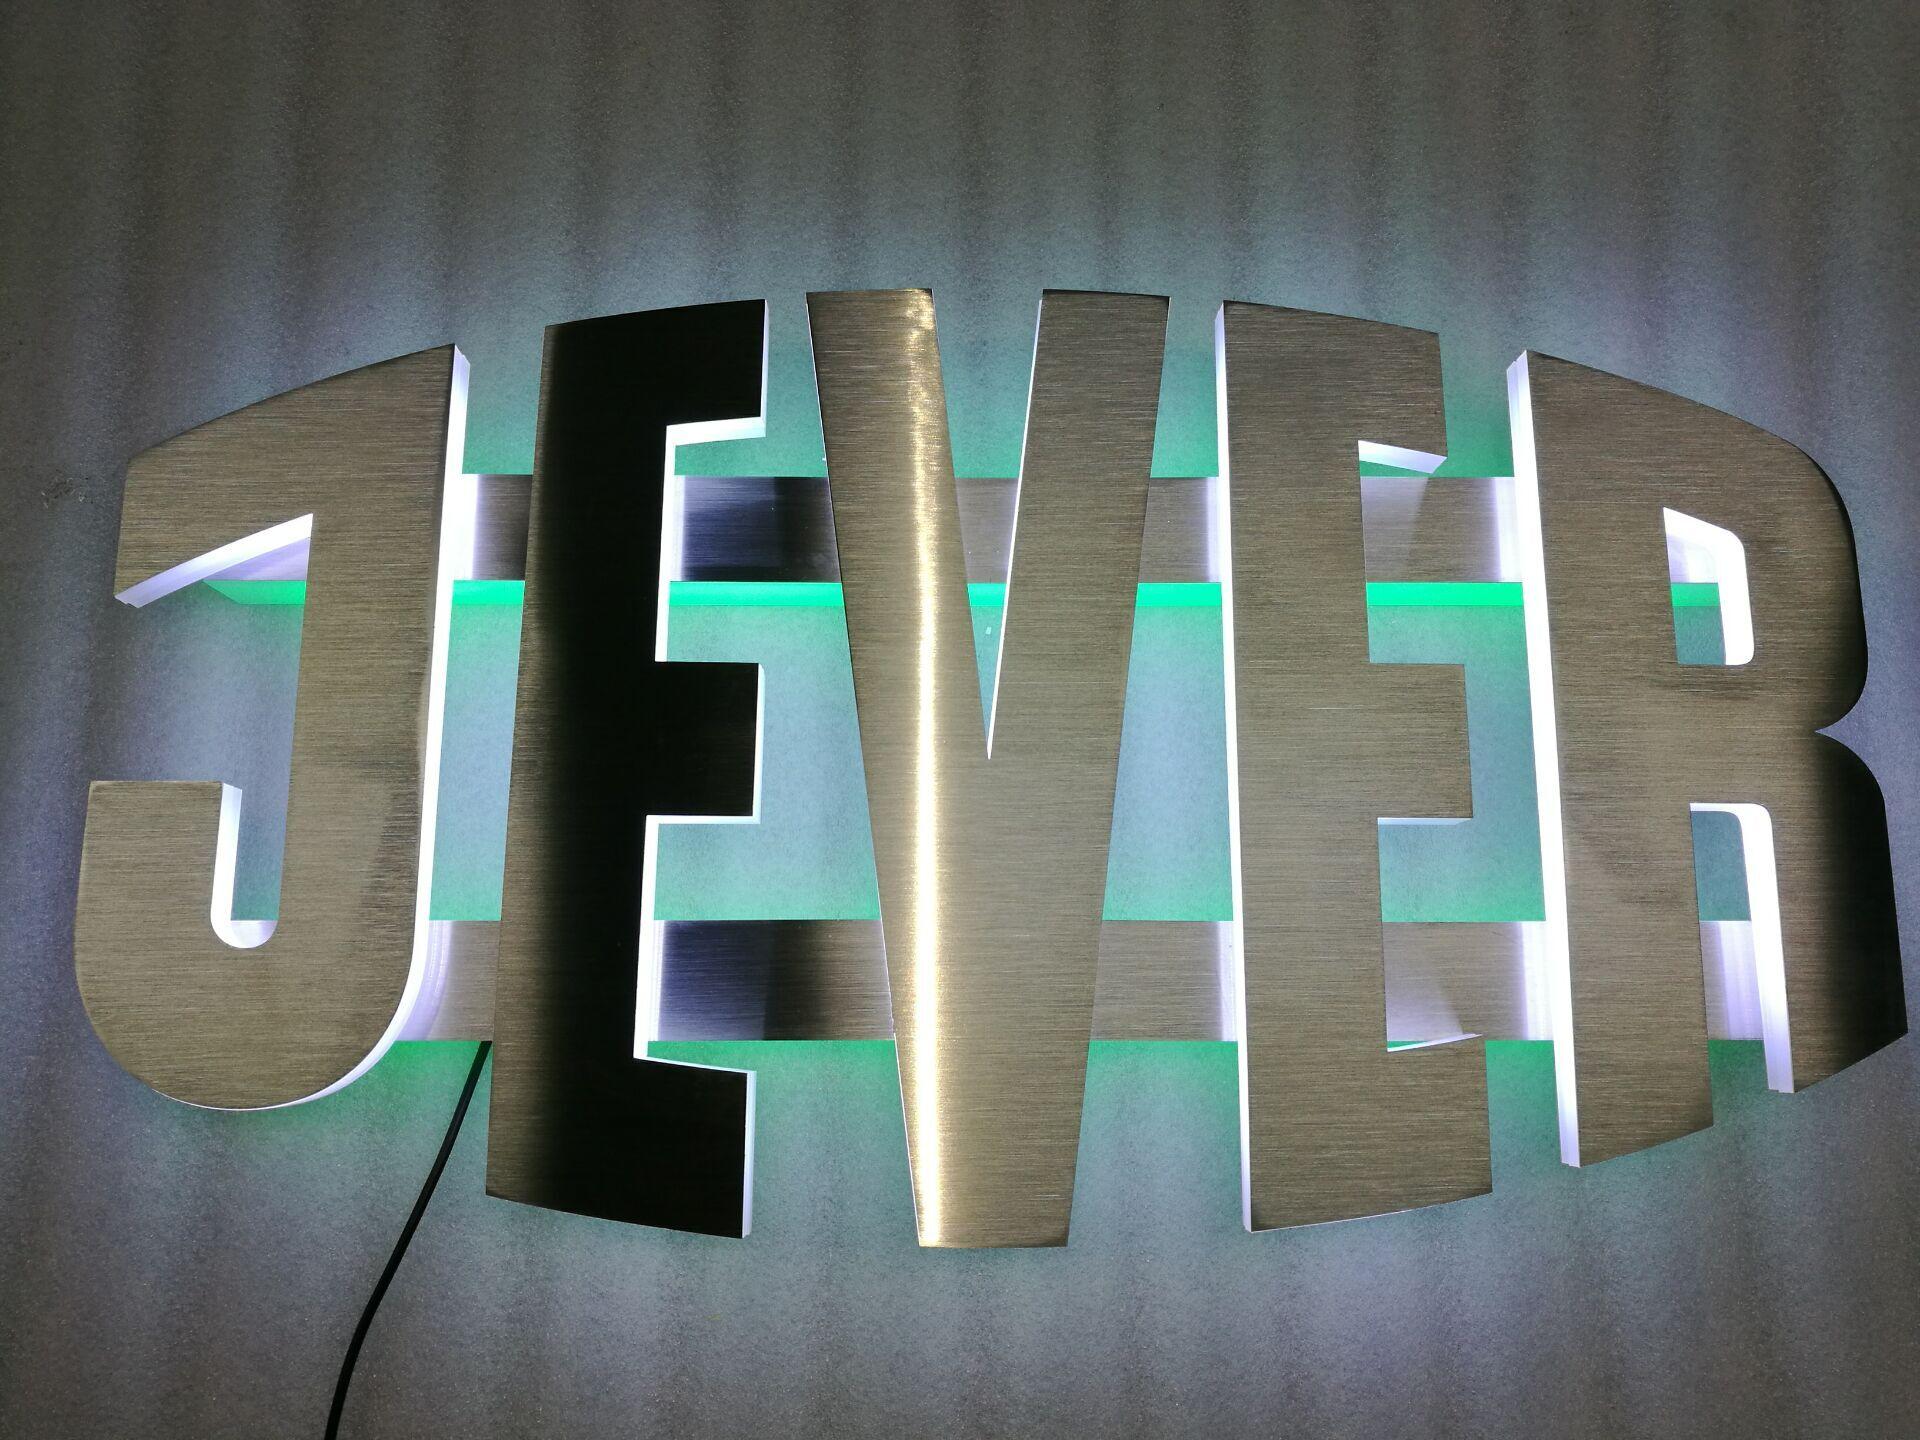 brushed metal light sign